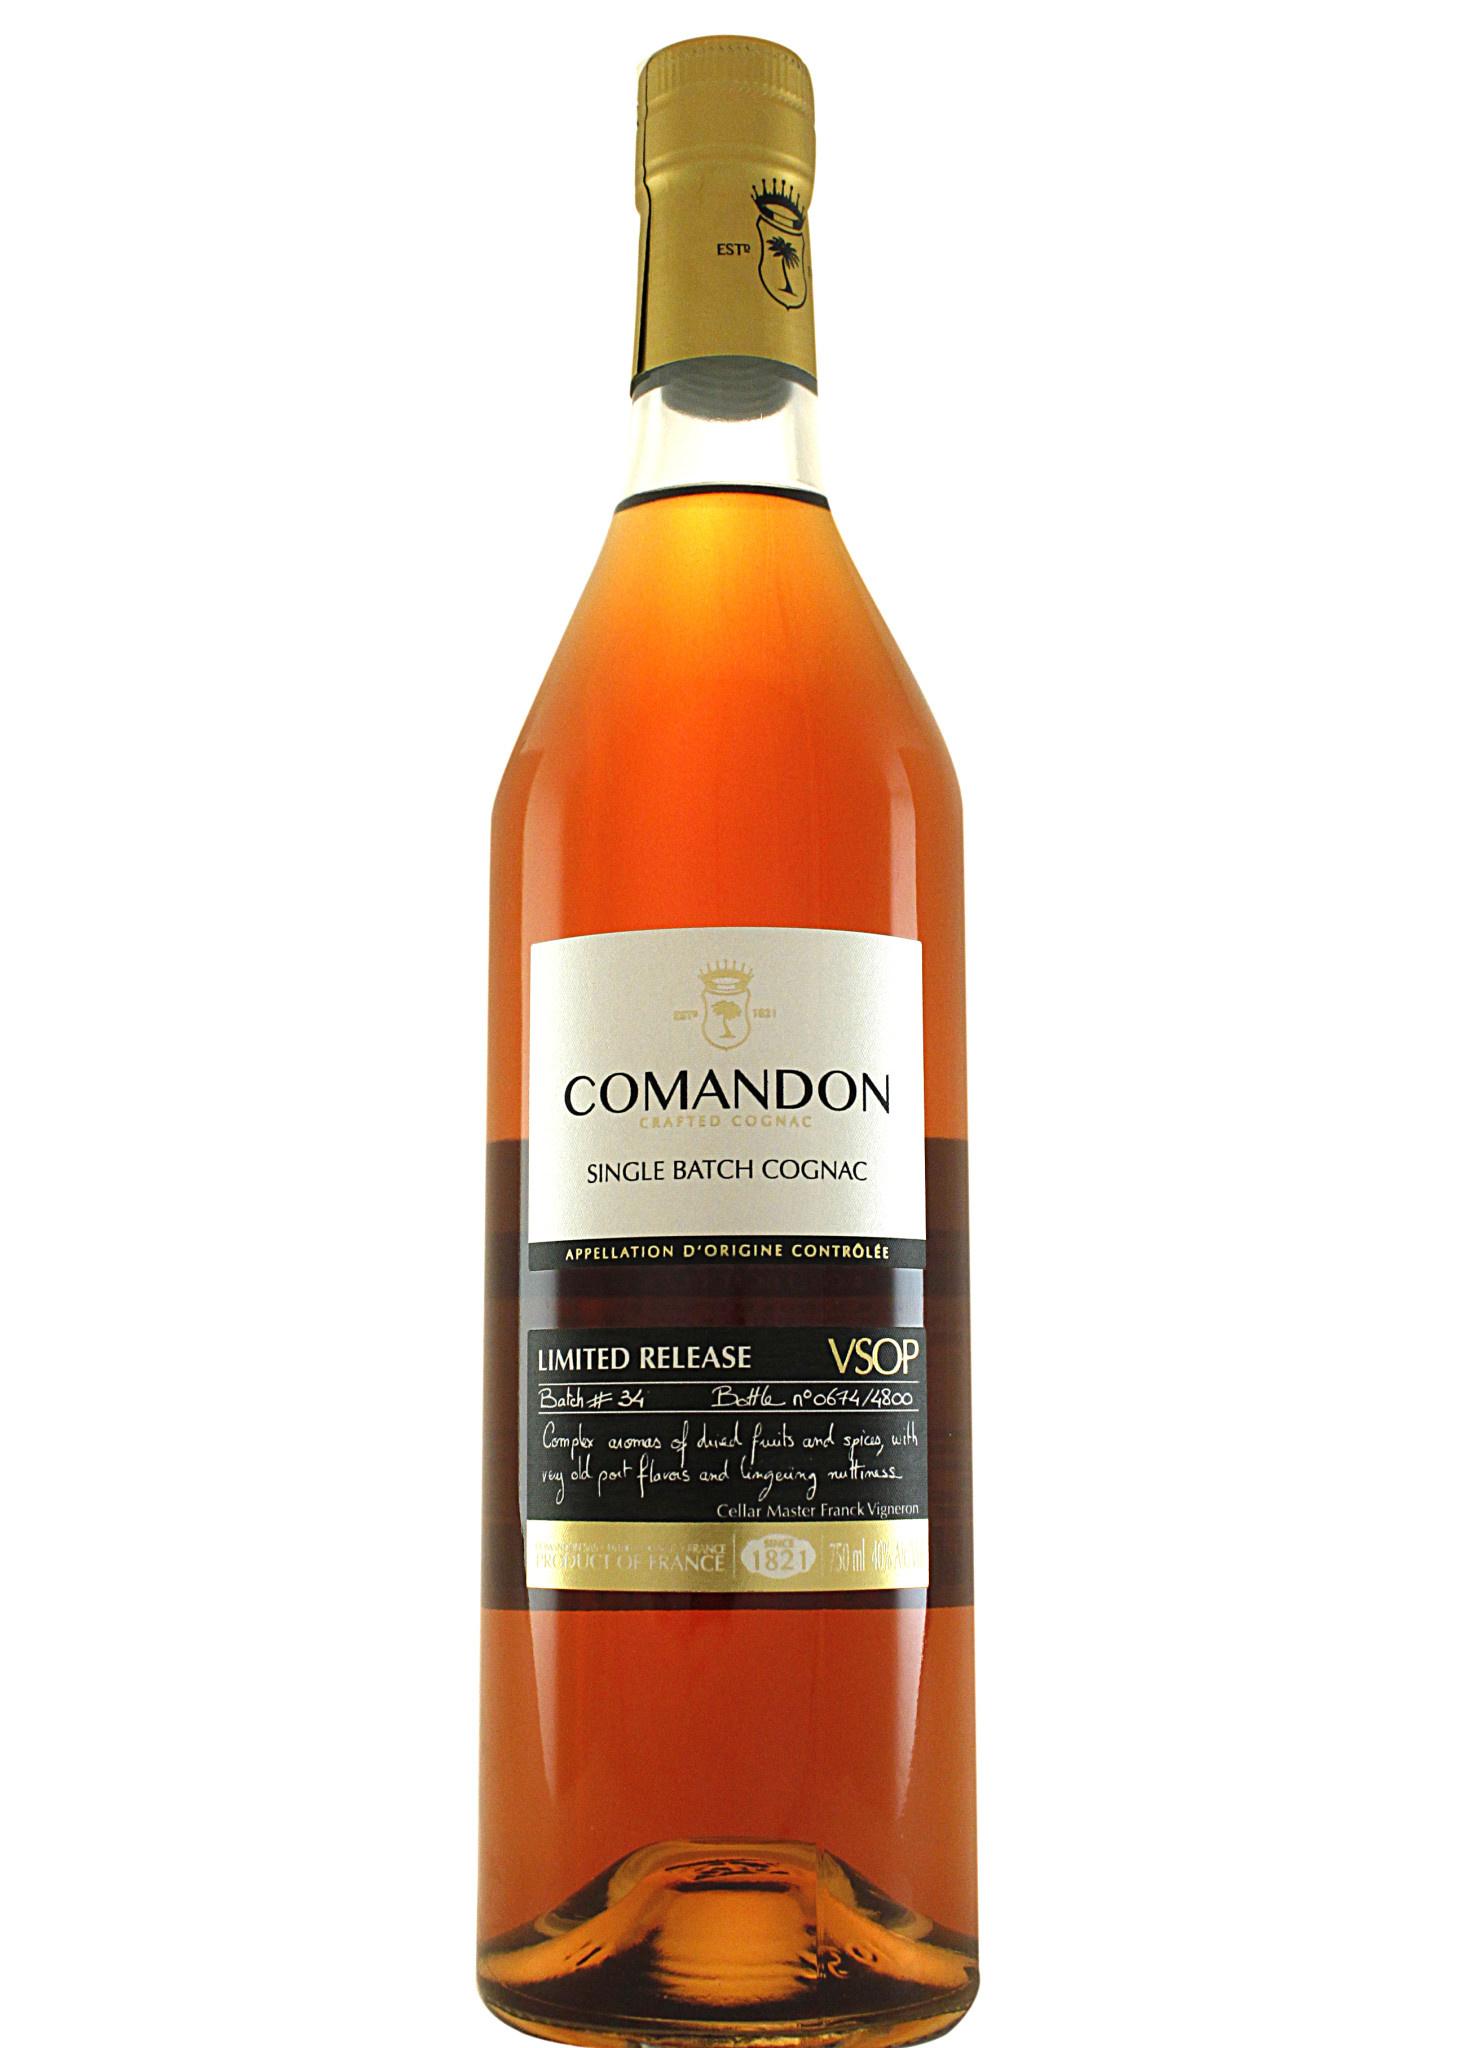 Comandon Single Barrel Cognac VSOP